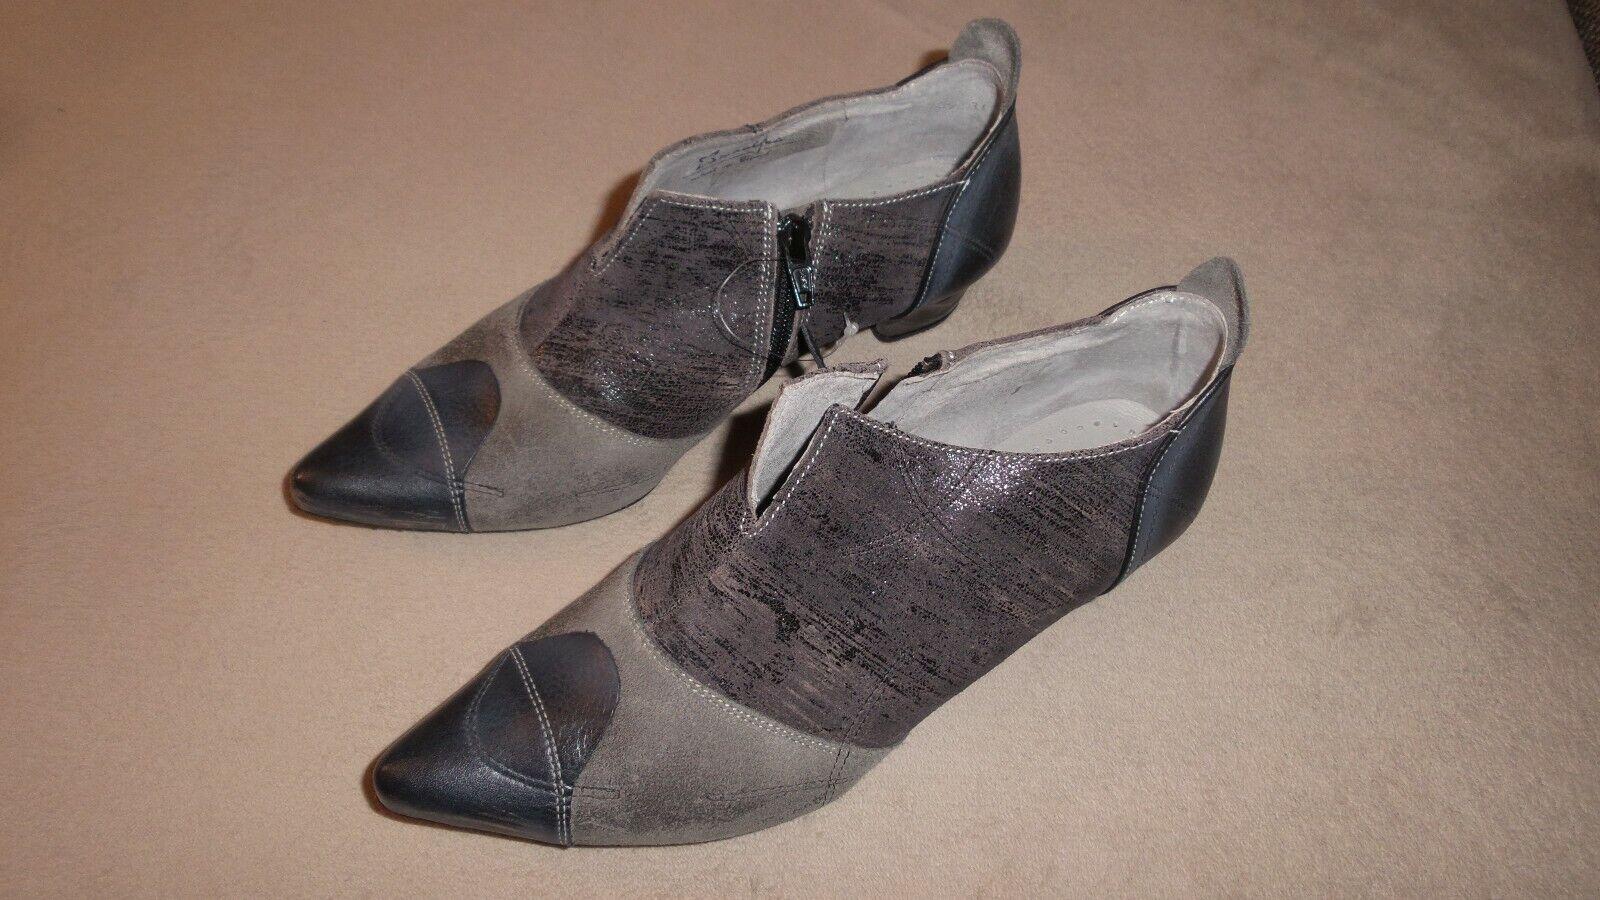 Maciejka vraiment-CUIR-chaussures basses Escarpins Bottines Taille 39  NOUVEAU  argent noir